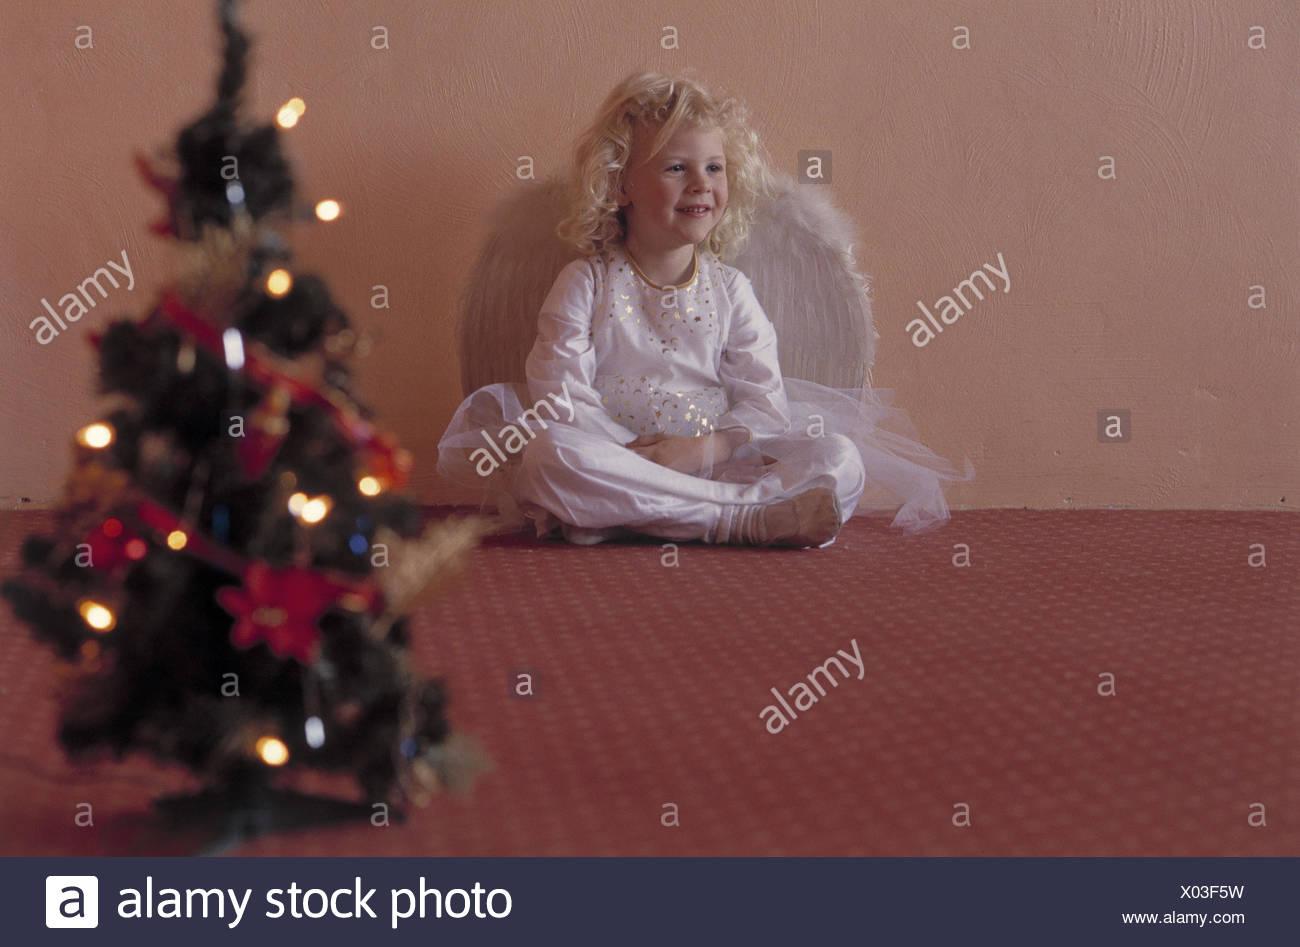 Weihnachten Heiligabend Weihnachtsengel Weihnachtsbaum